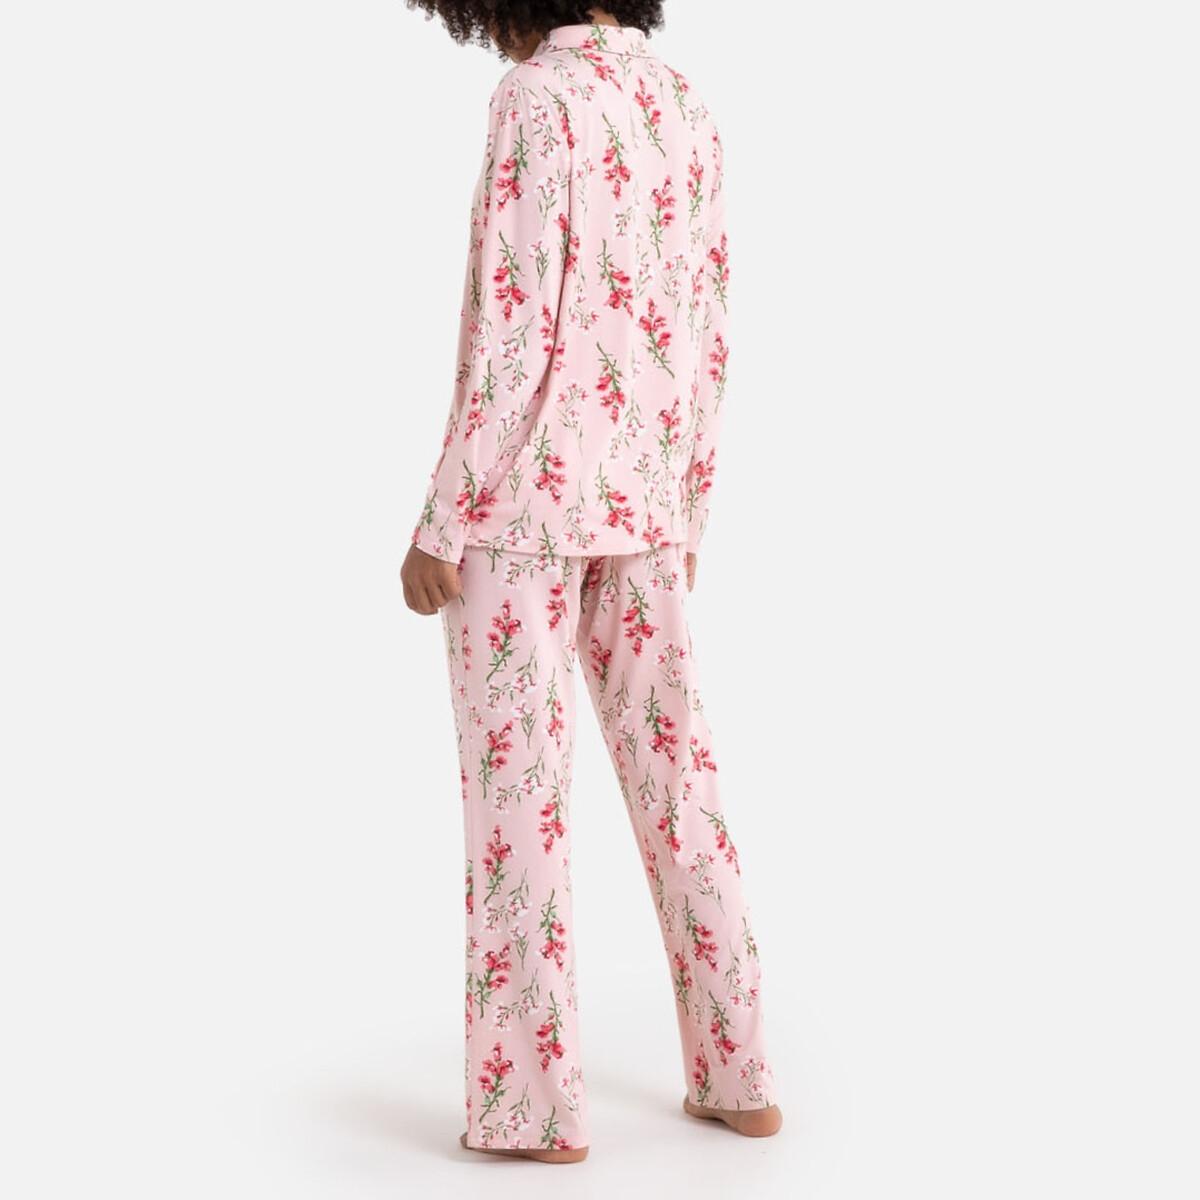 сесуальный фото в пижамах обрамленные красивые